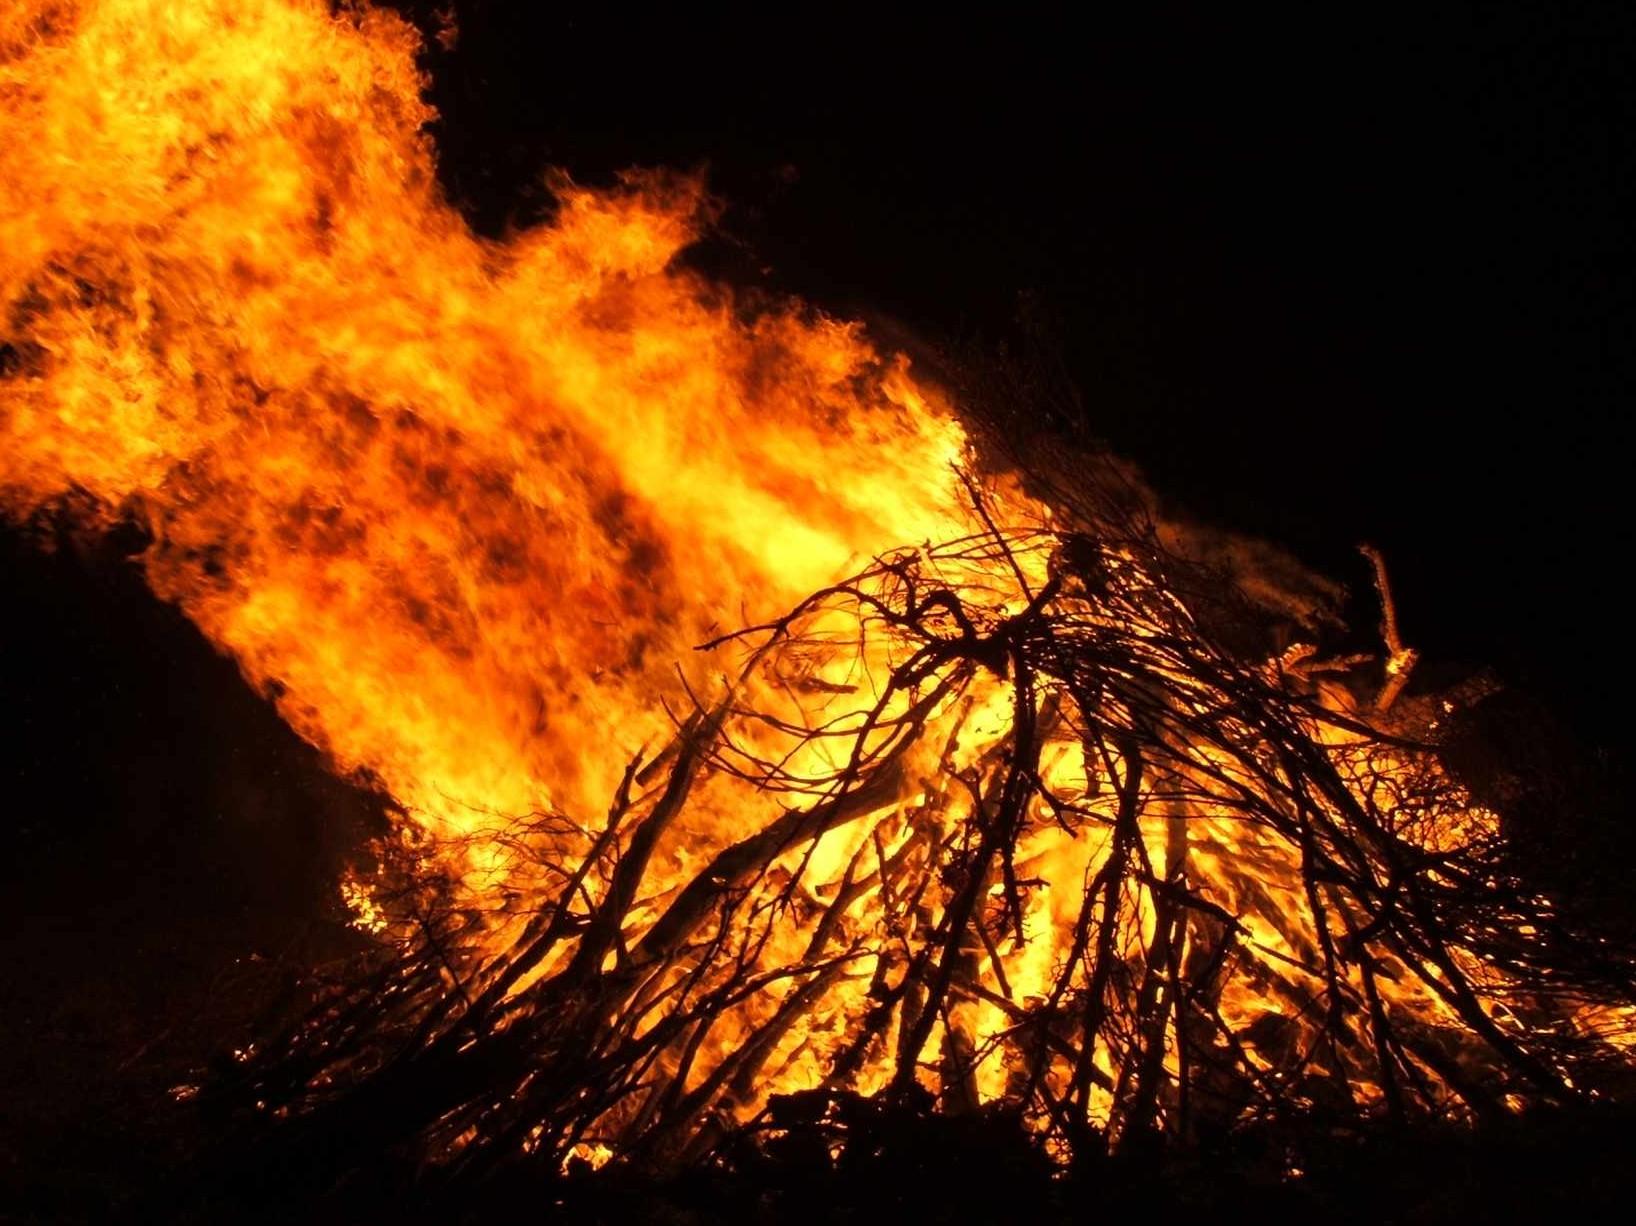 Fiesta de los Escobazos, noche de fuego y devoción